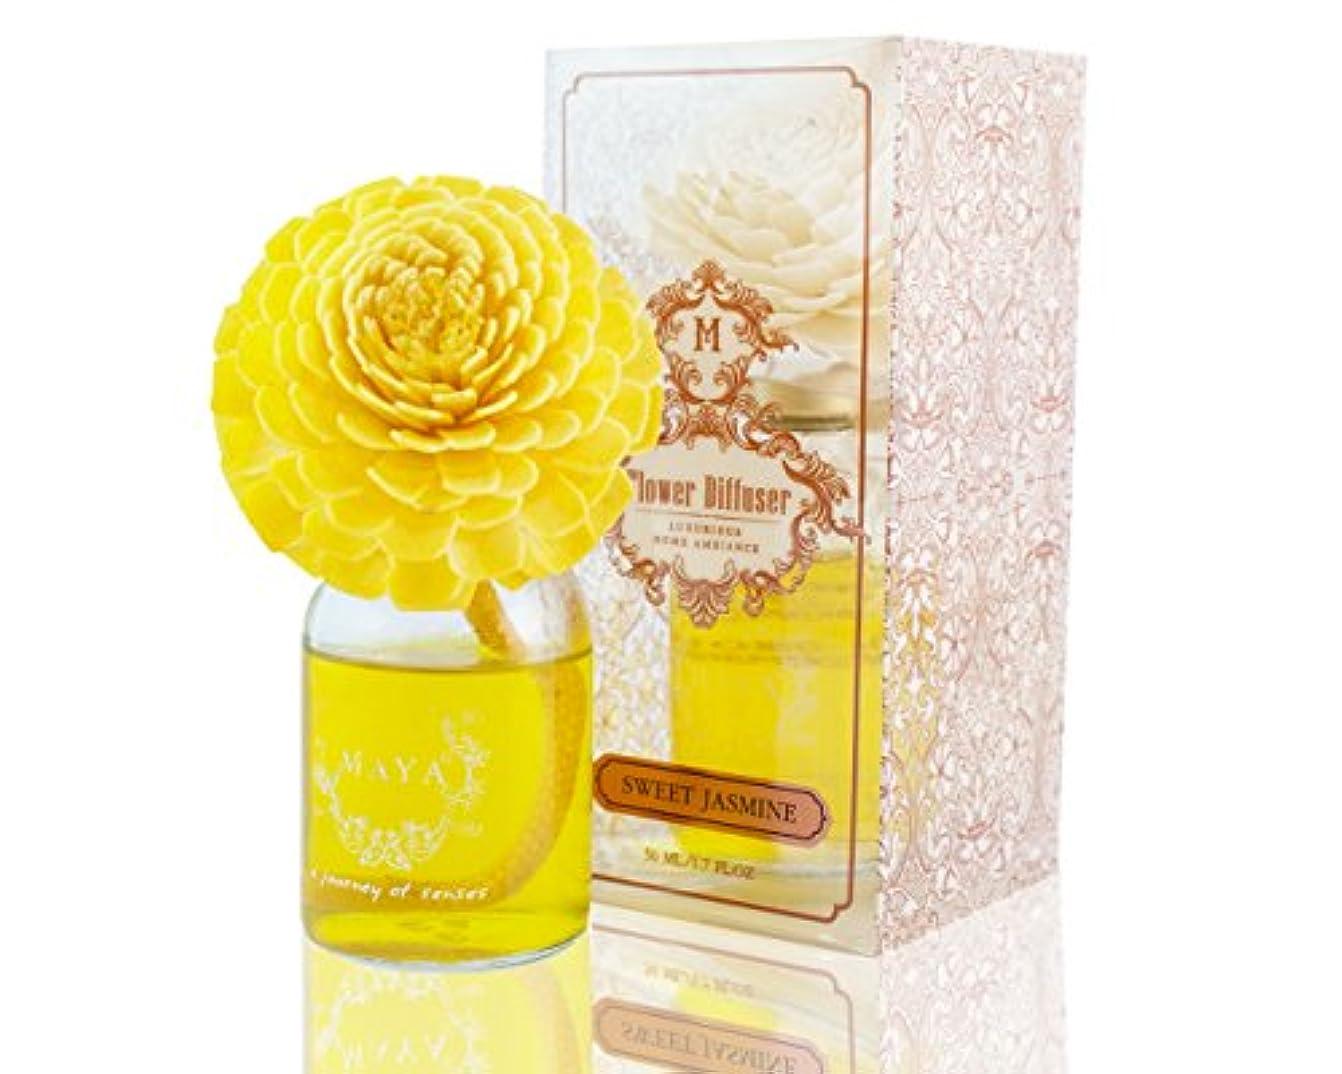 囚人幻滅するパラシュートMAYA フラワーディフューザー スイートジャスミン 50ml |Aroma Flower Diffuser - SWEET JASMINE 50ml